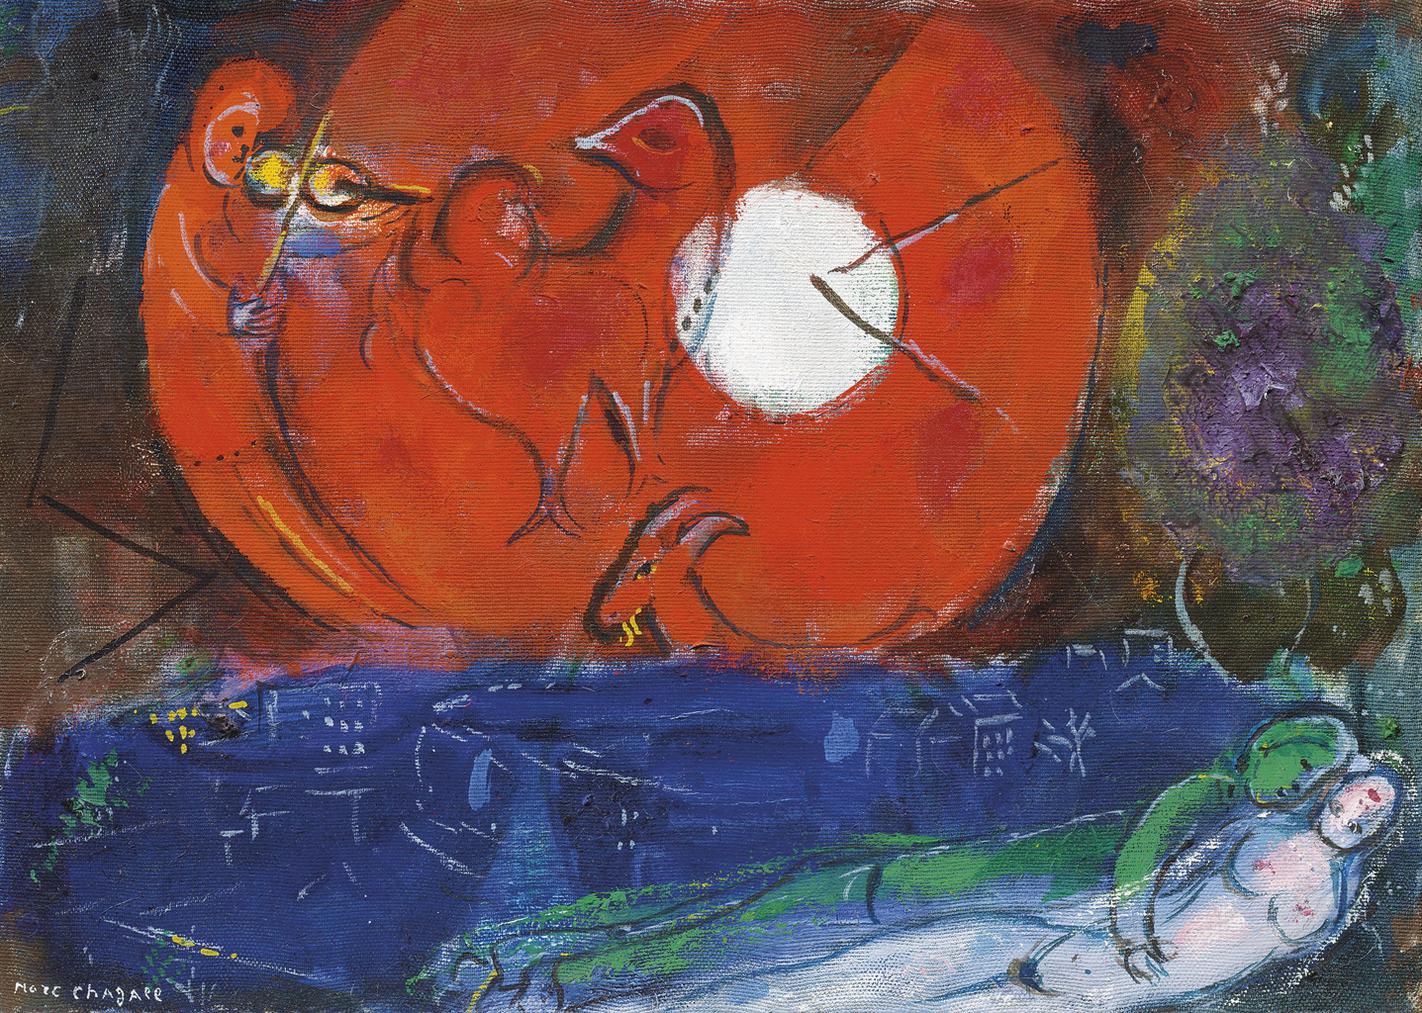 Marc Chagall-Etude Pour La Nuit De Vence-1953